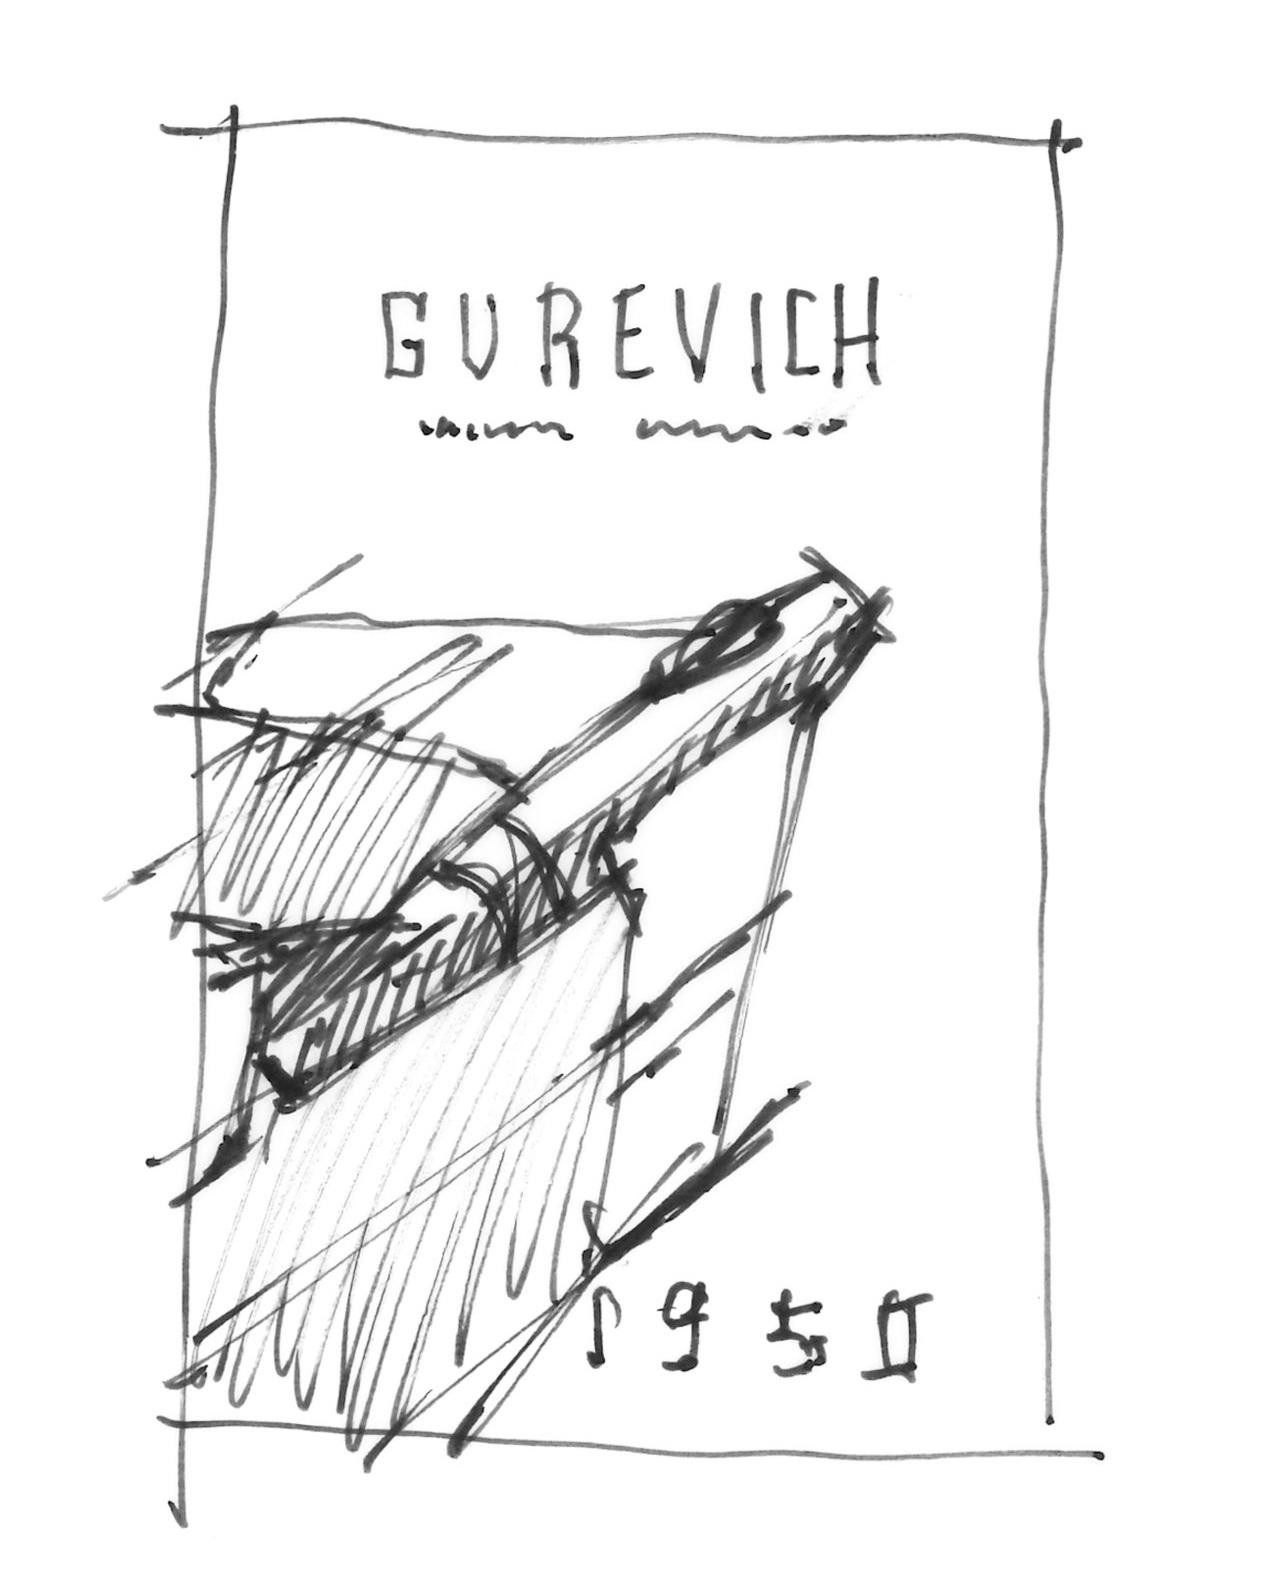 Gurevich_Sketch.jpg